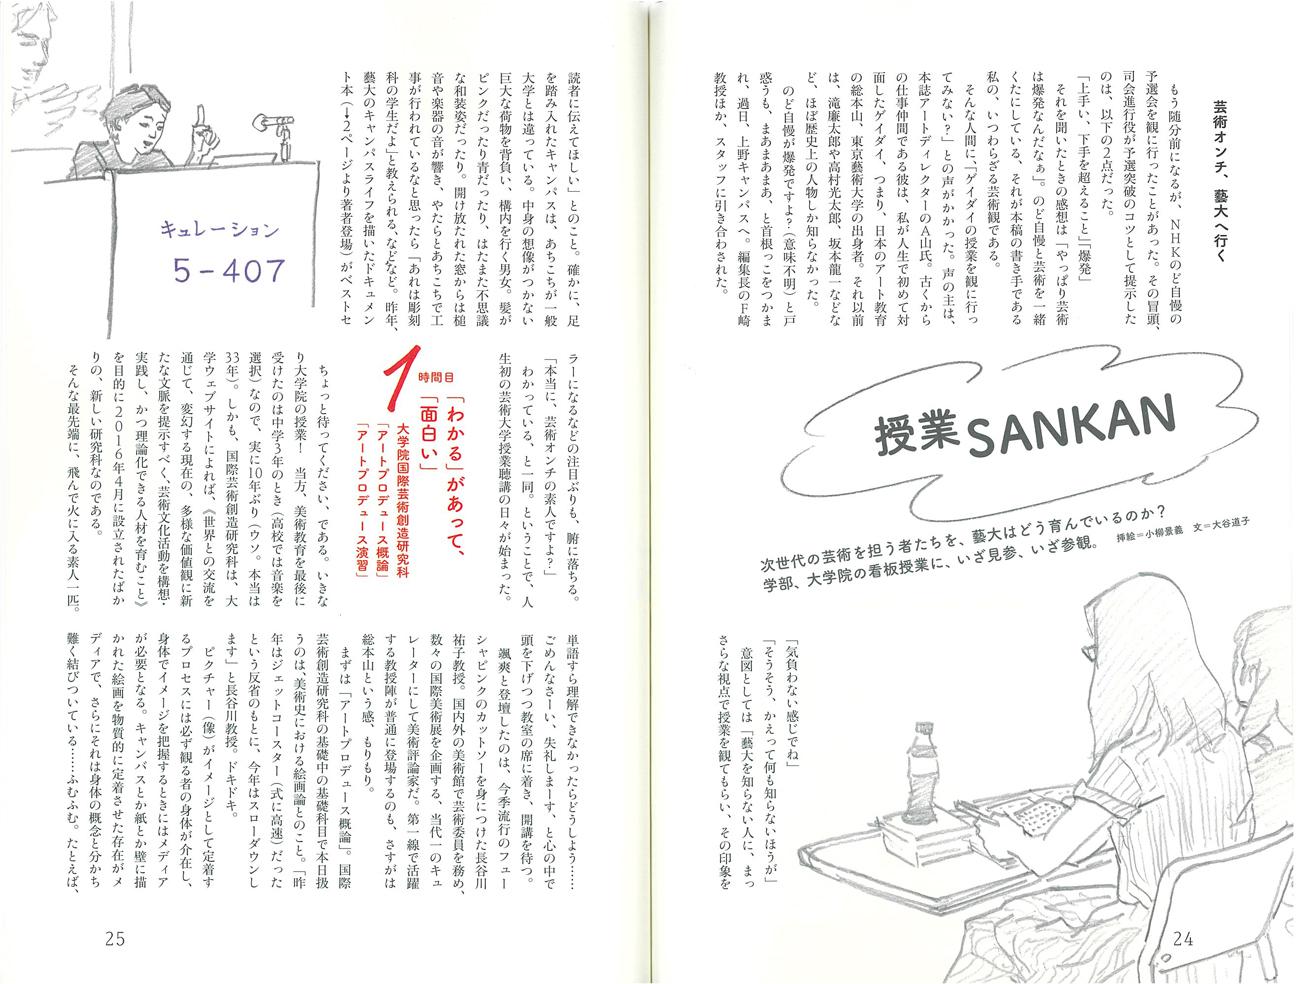 メディア掲載 | 長谷川祐子 授業レポート 東京藝術大学広報誌『藝える』第1号「授業SANKAN」